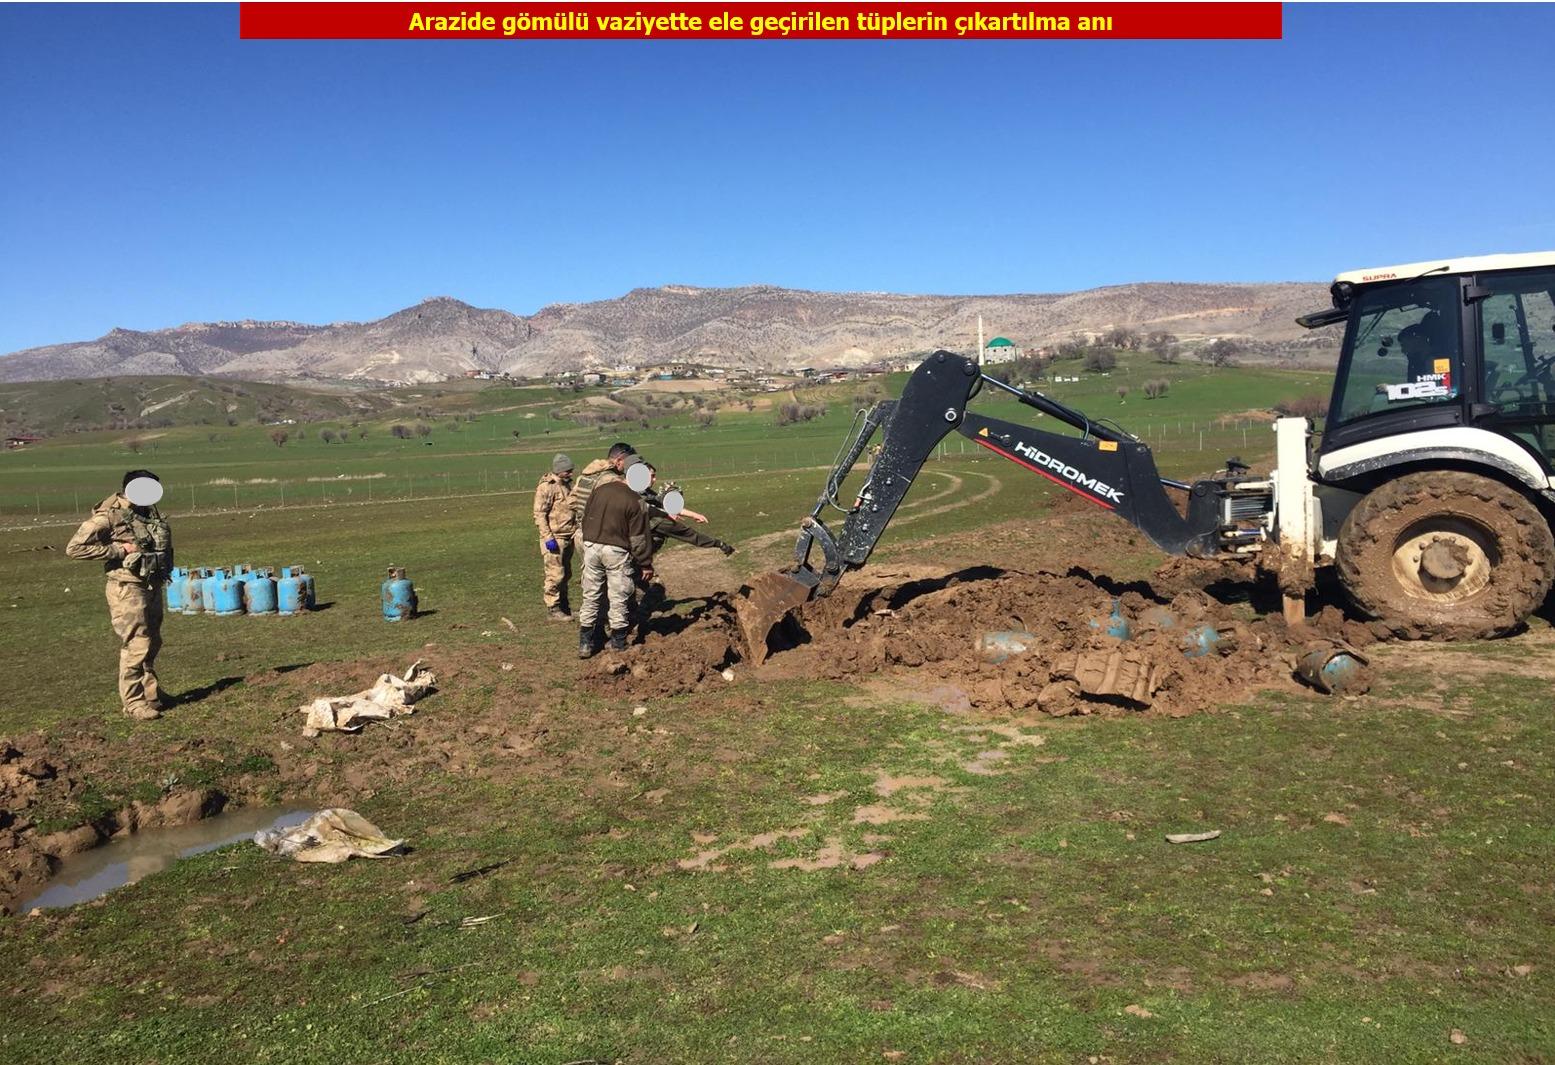 VİDEO- Diyarbakır'da sığınak patlatıldı